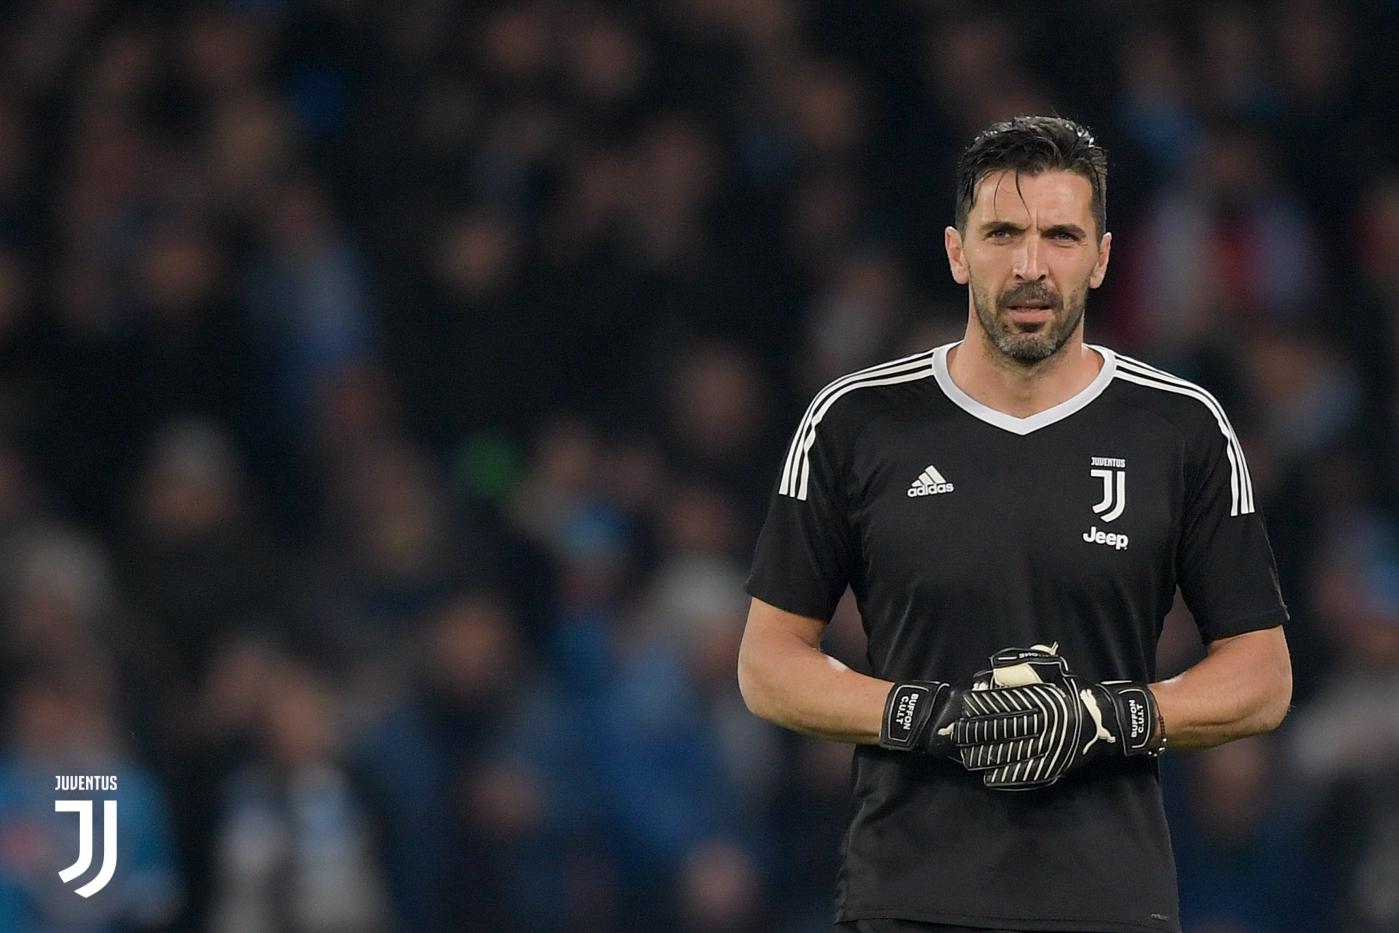 """NÓNG: """"Huyền thoại"""" Buffon đã chính thức tìm được bến đỗ mới, mức lương siêu khủng ở tuổi 41"""